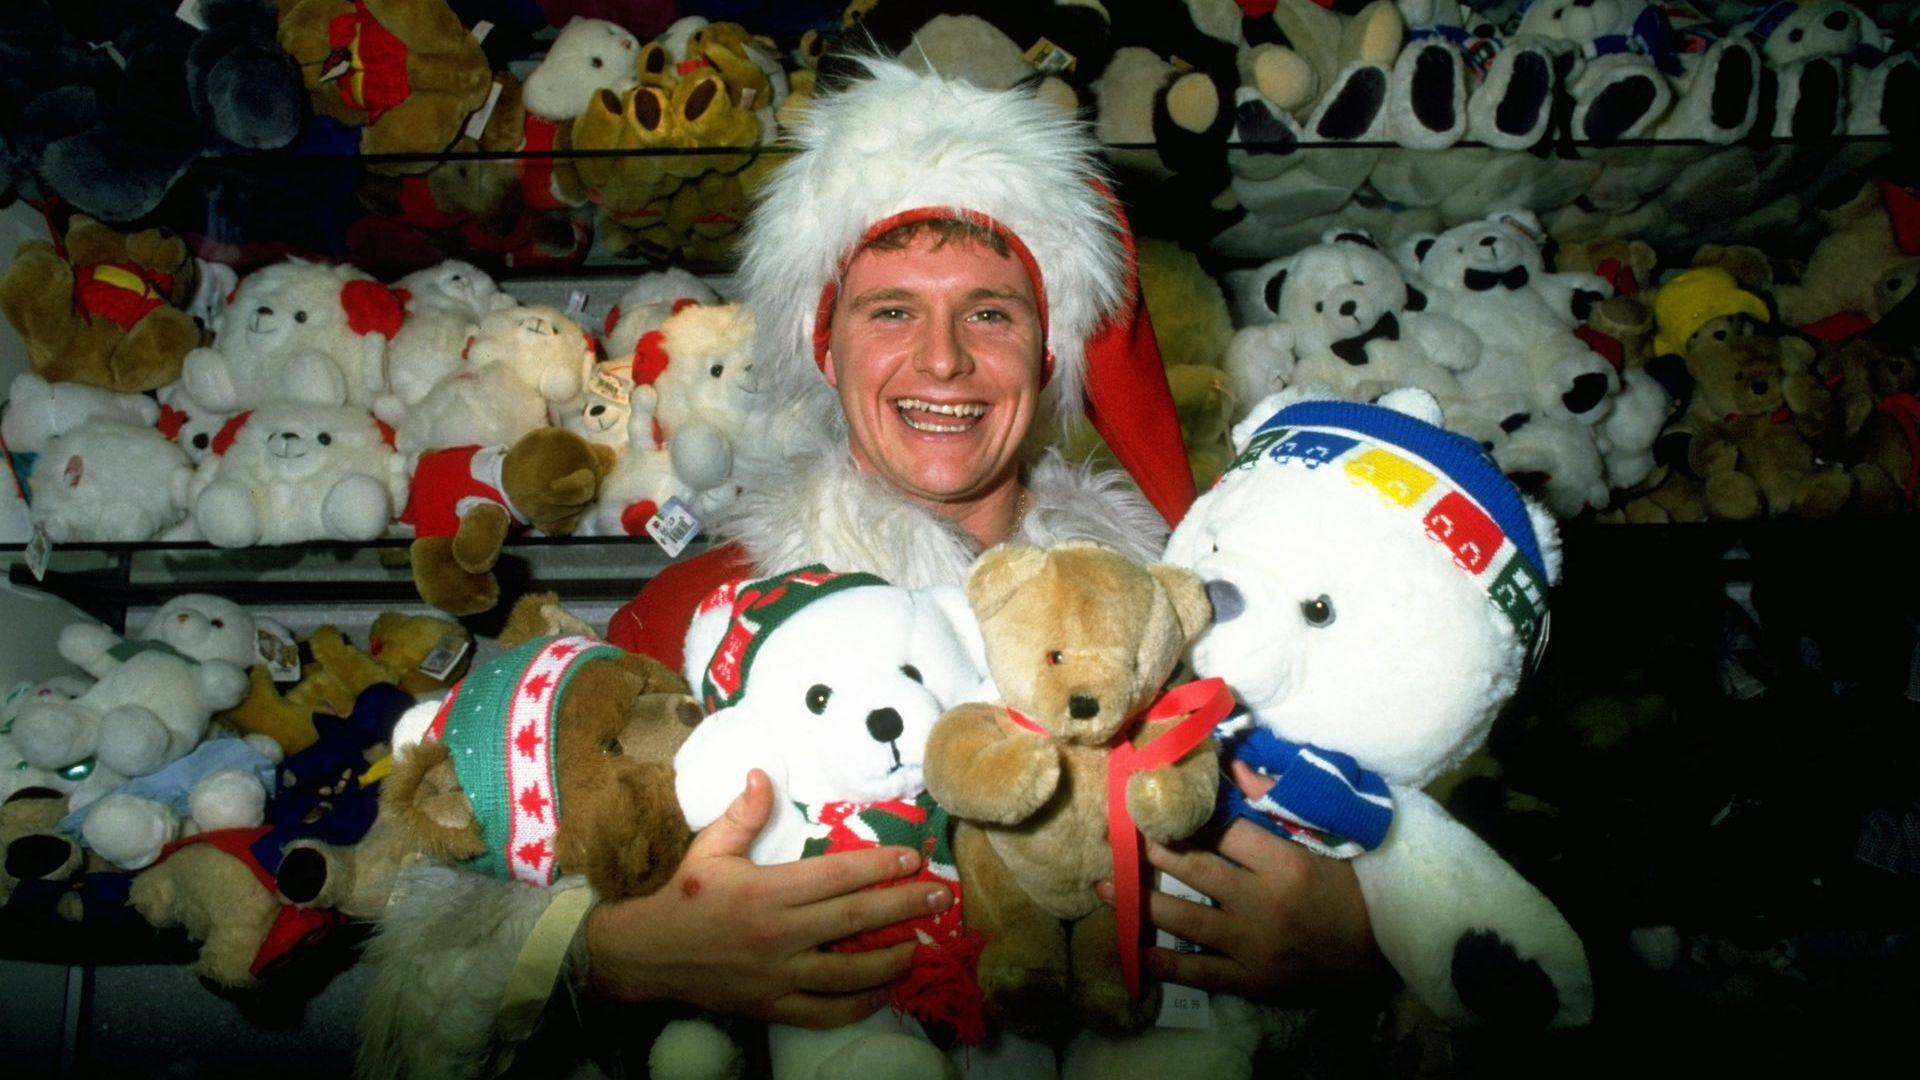 Аз съм Дядо Коледа. Хо-хо-хо. Лудият свят на неповторимия Пол Гаскойн (Галерия)